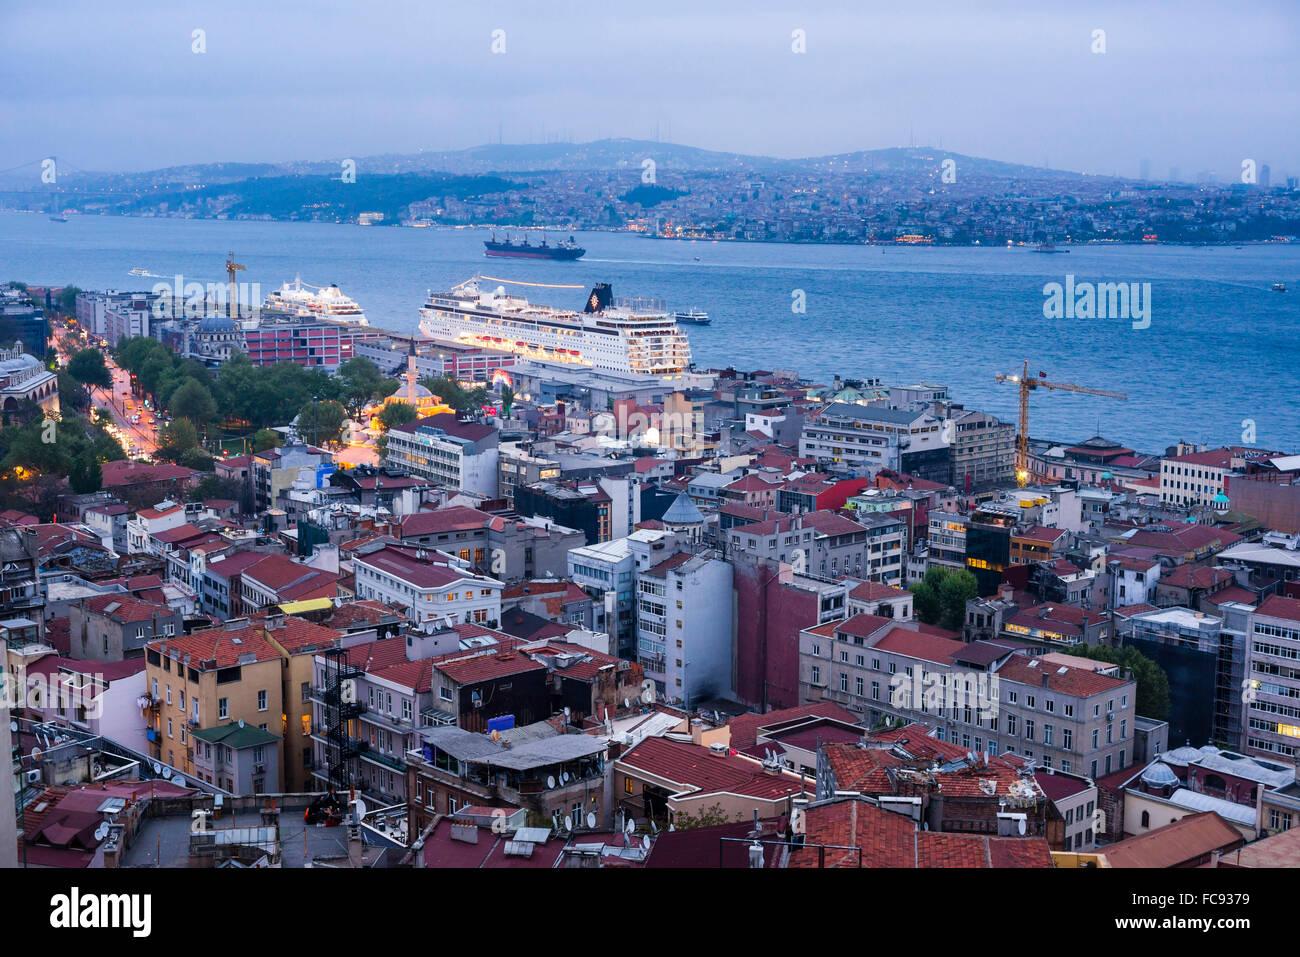 El Estrecho del Bósforo y cruceros de noche visto desde la torre de Galata, Estambul, Turquía, Europa Imagen De Stock